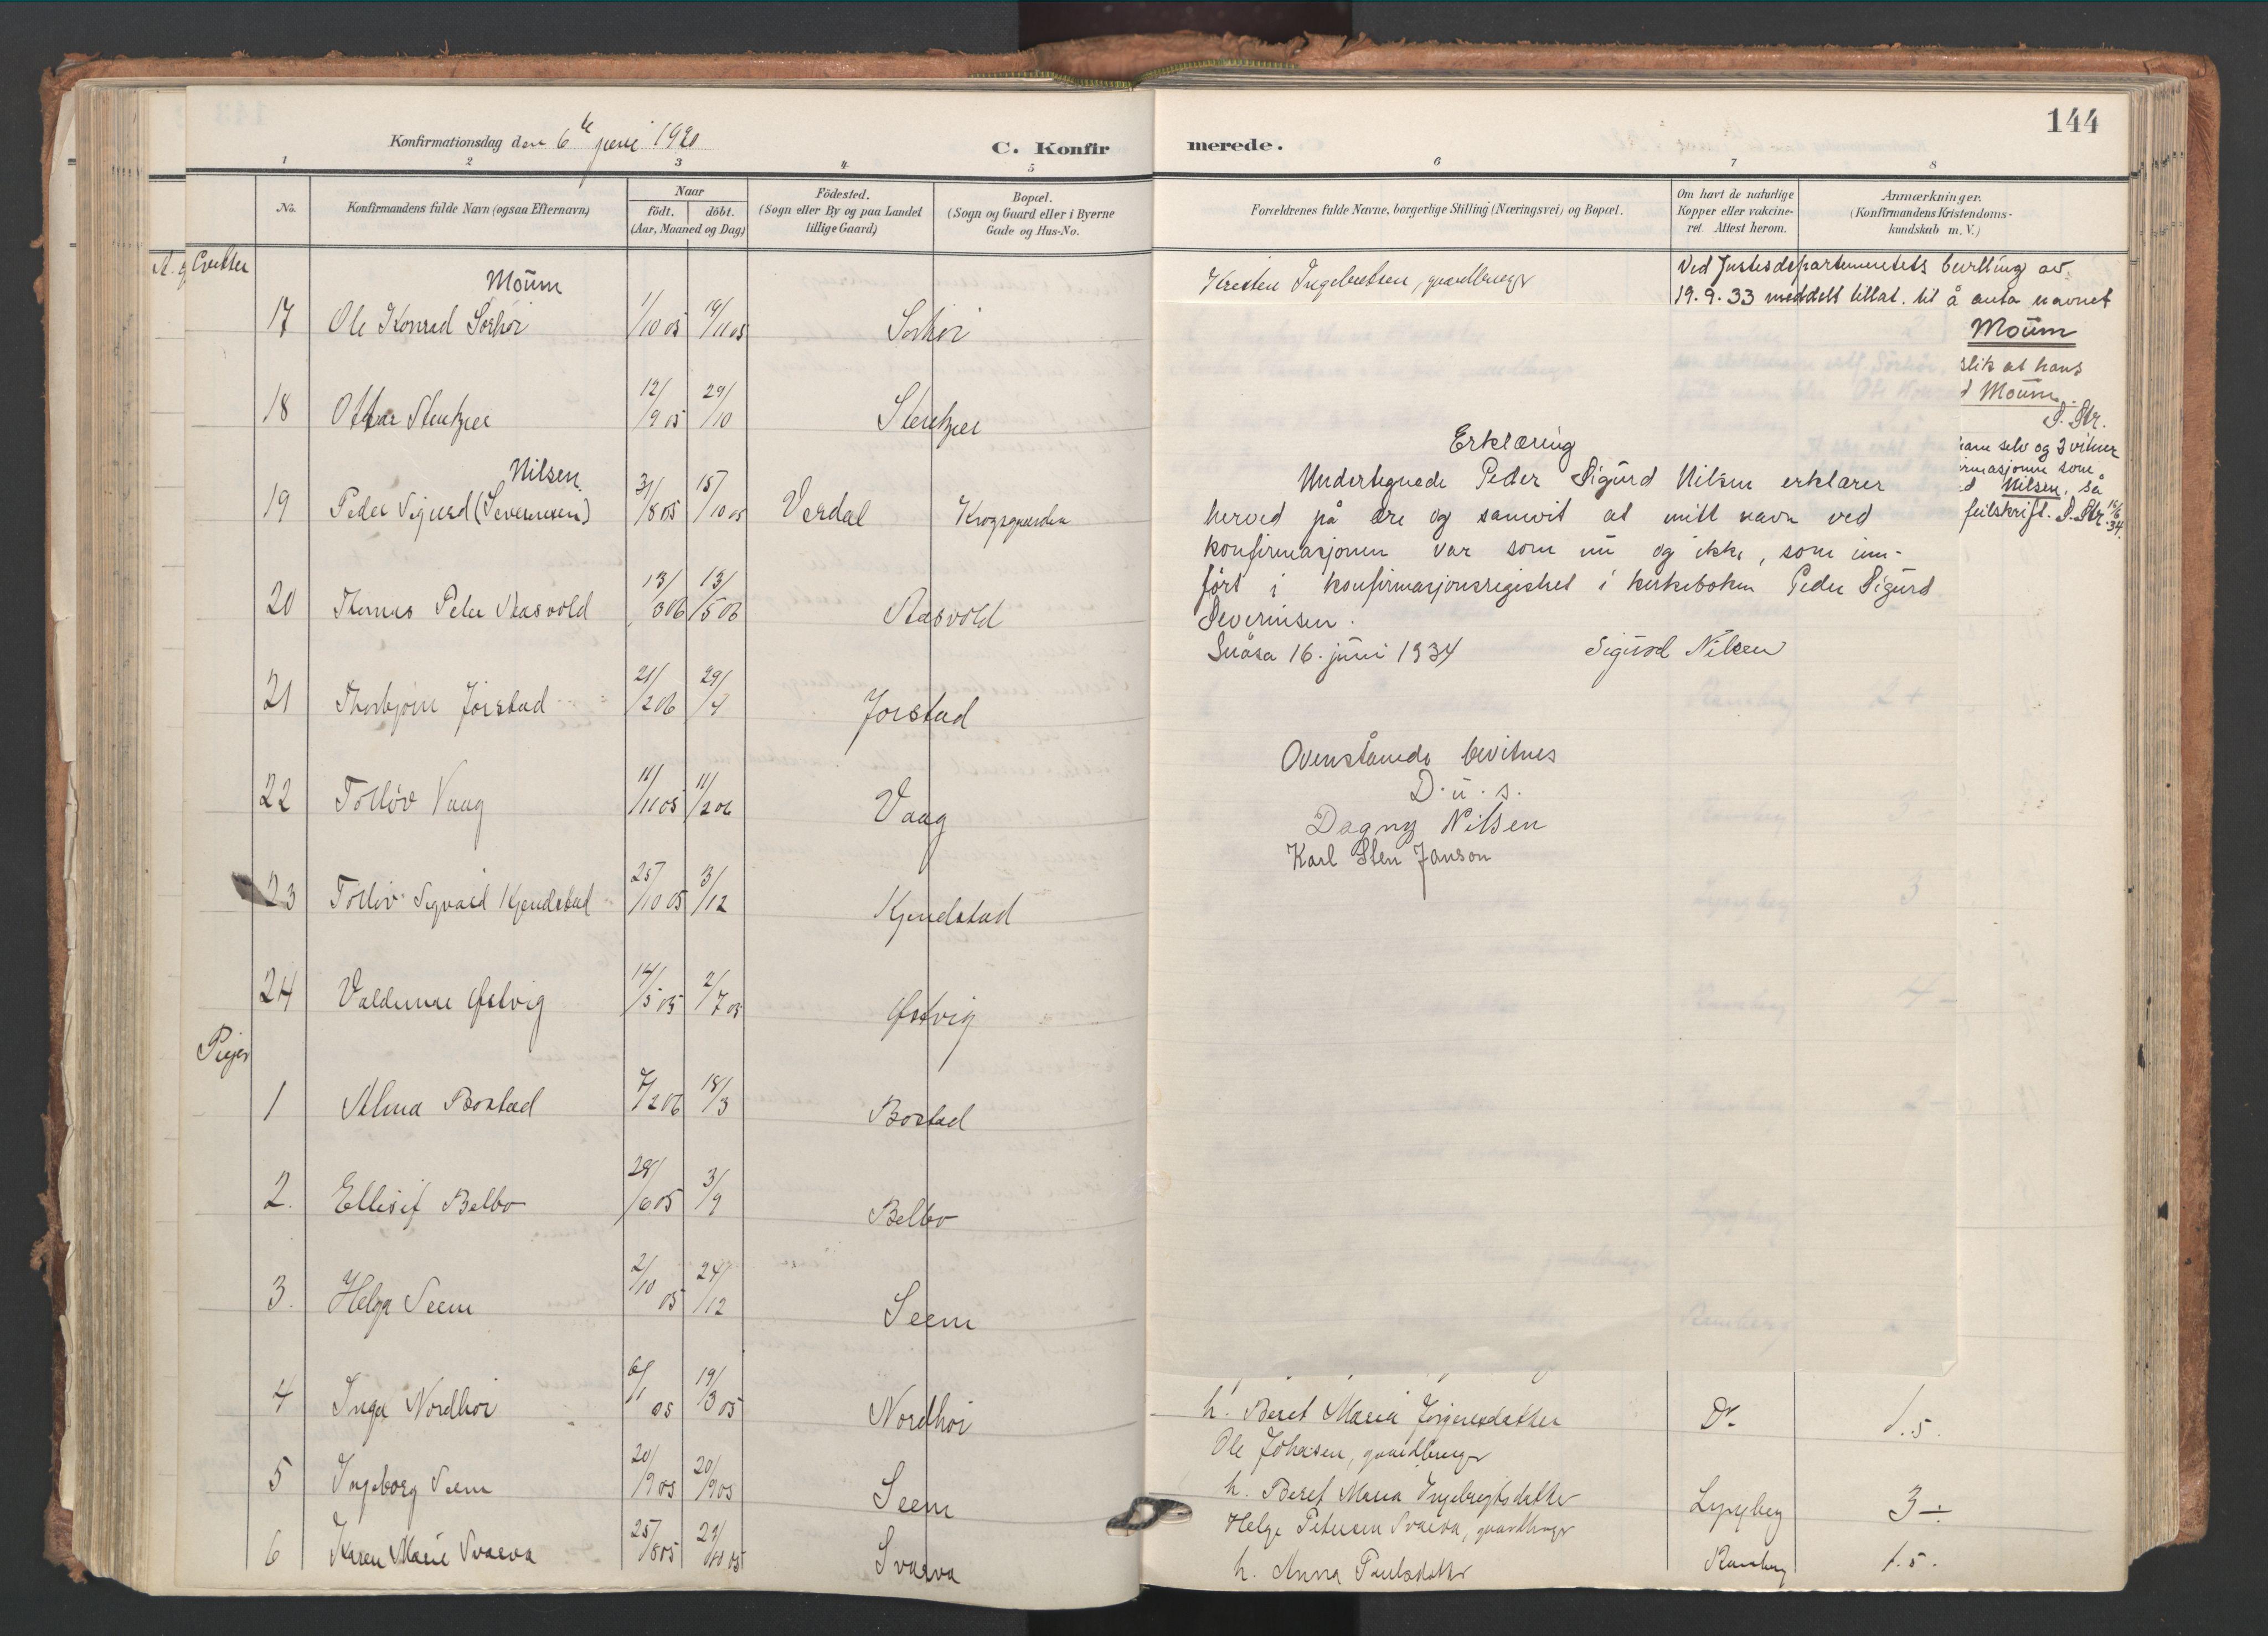 SAT, Ministerialprotokoller, klokkerbøker og fødselsregistre - Nord-Trøndelag, 749/L0477: Ministerialbok nr. 749A11, 1902-1927, s. 144